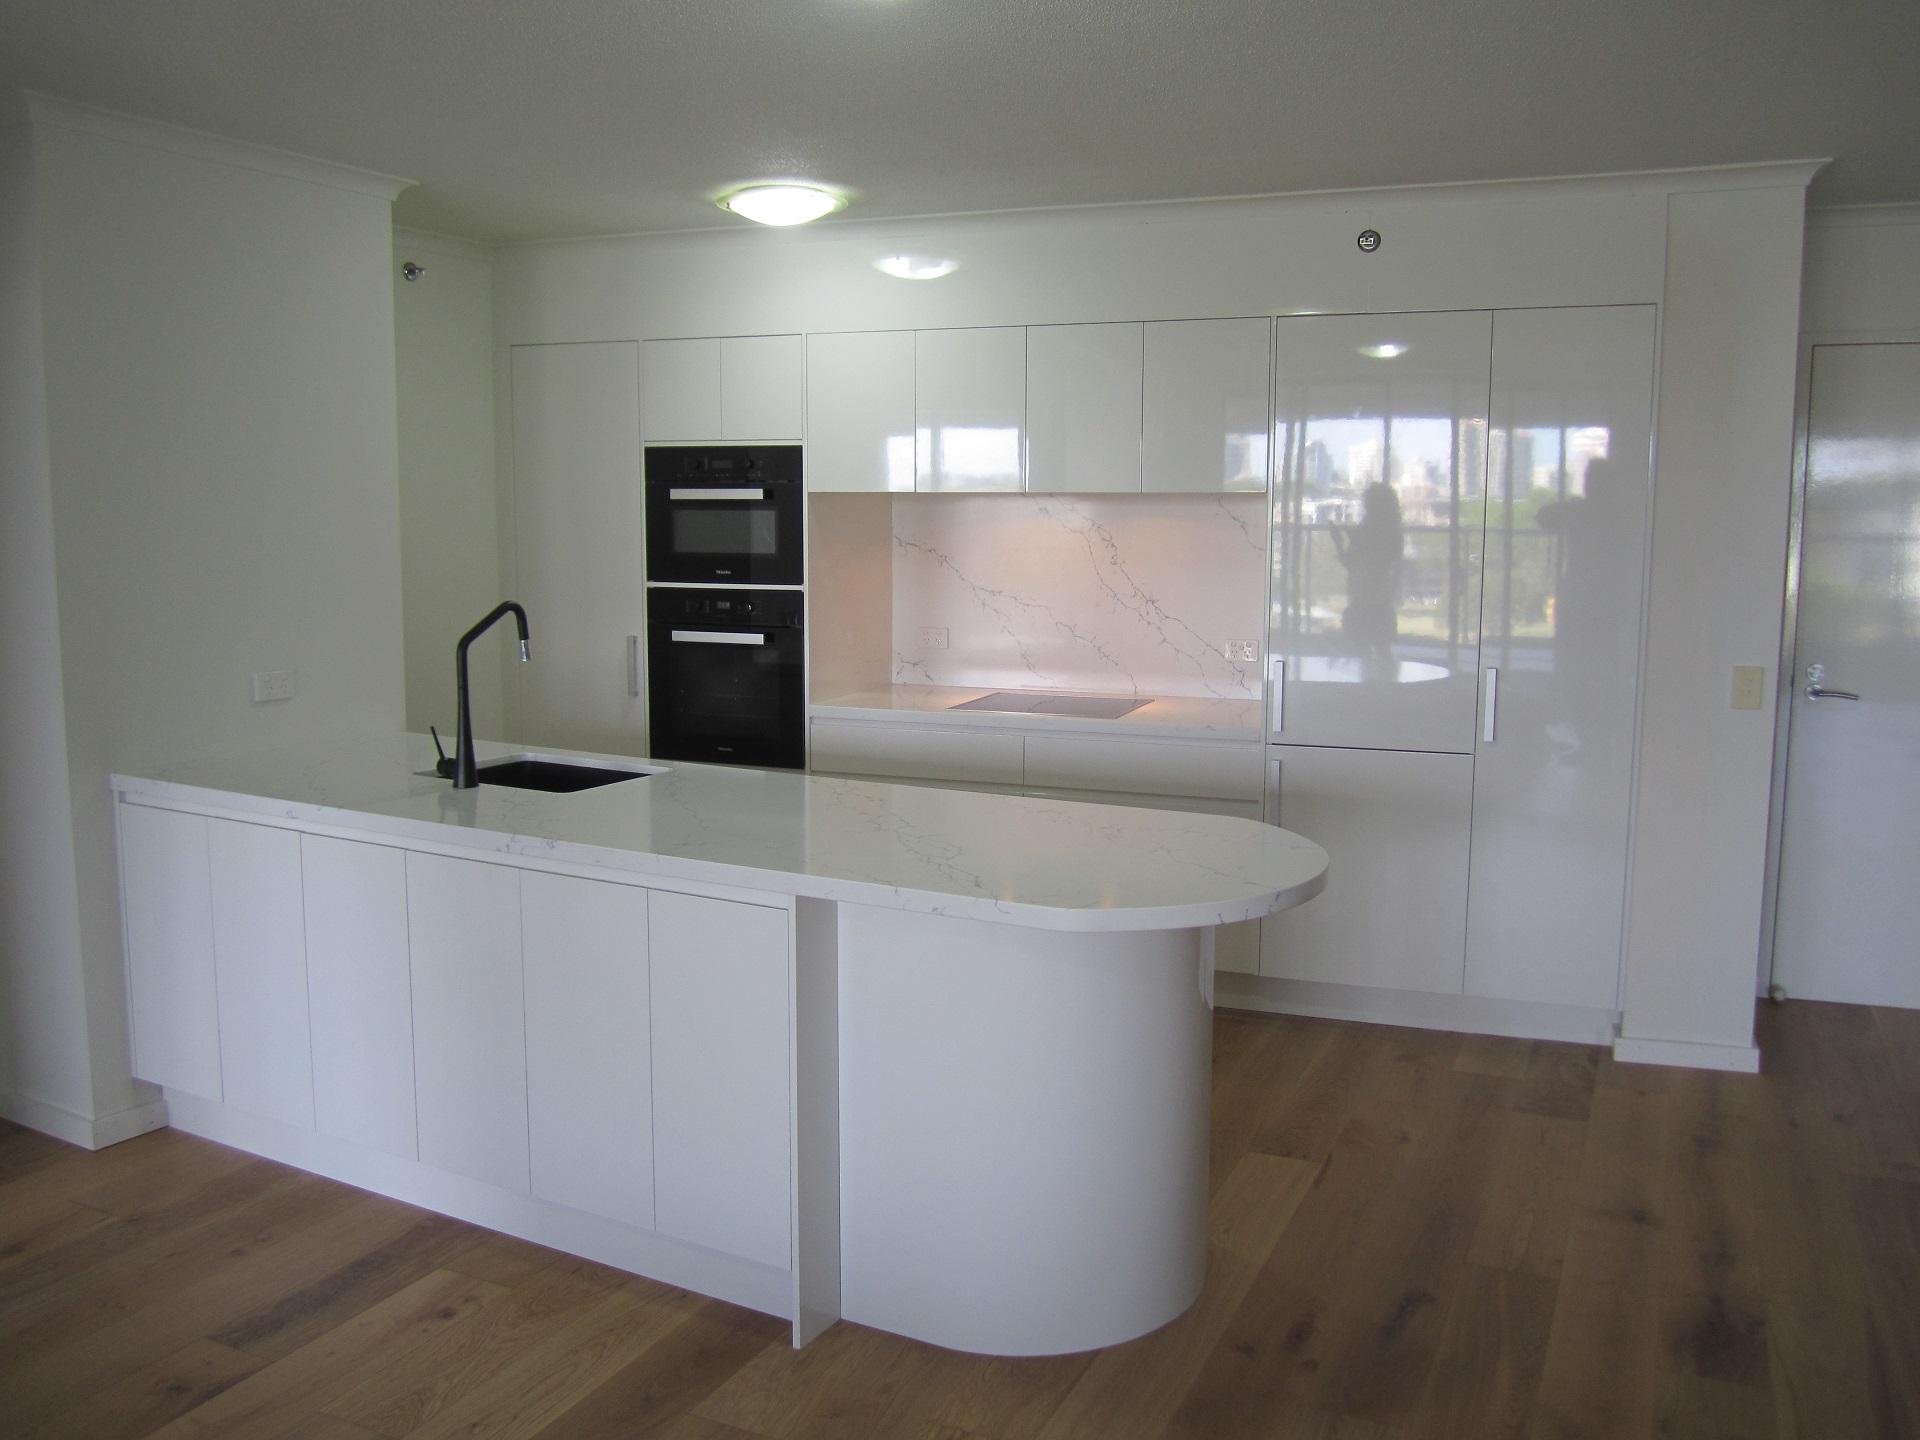 Brisbane Kitchen Design Brisbane City Contemporary Kitchen Renovation Curved Island Bench (1)